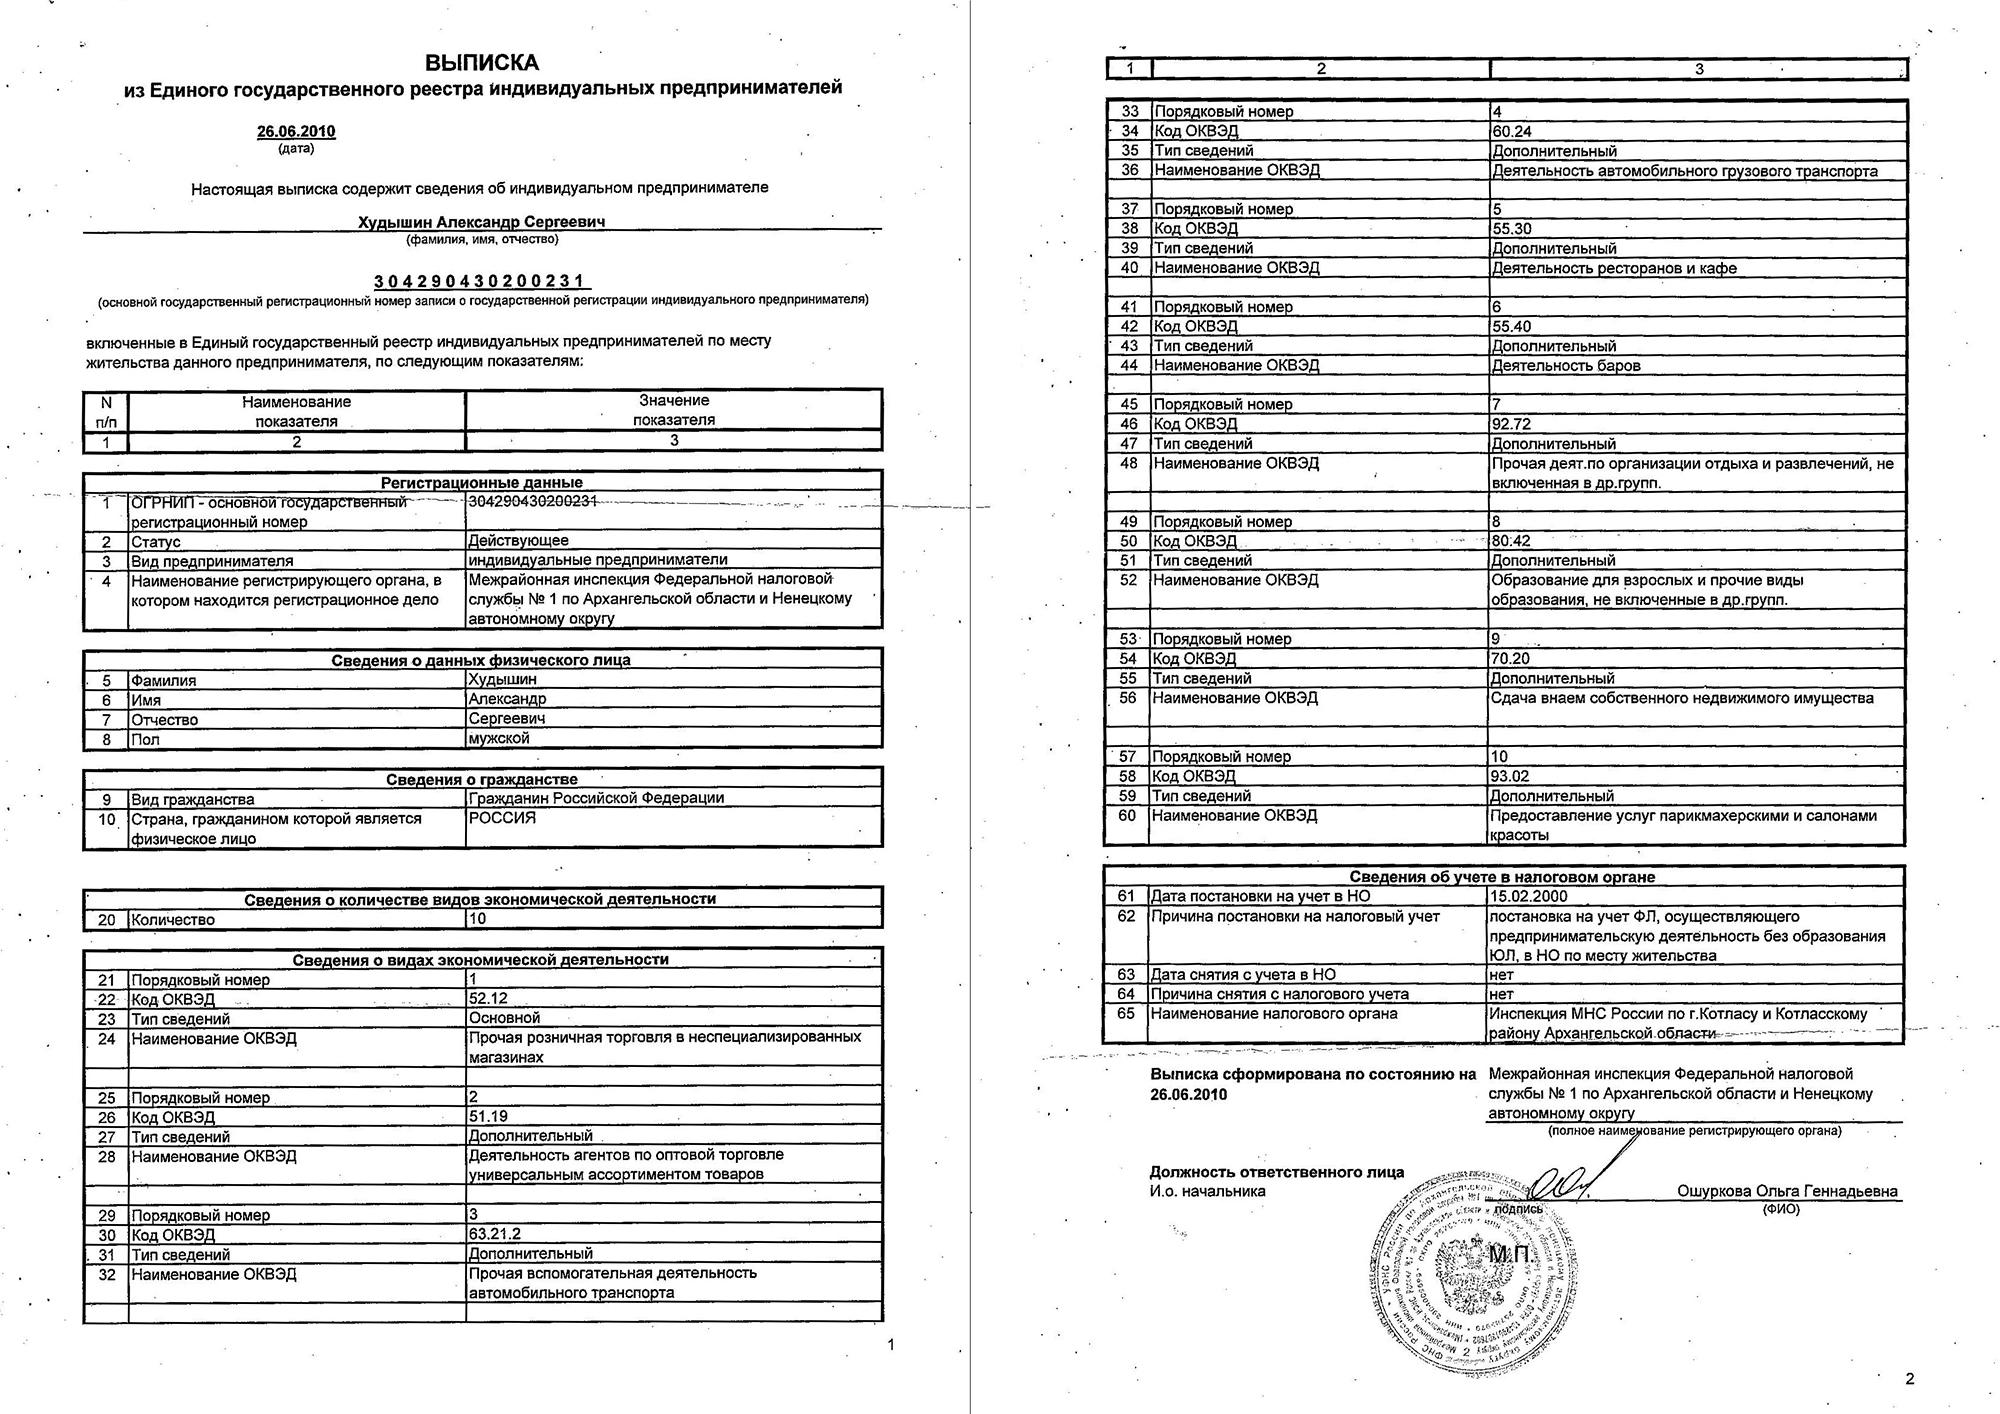 Выписка из ЕГРН. Образец - pravonedv.ru